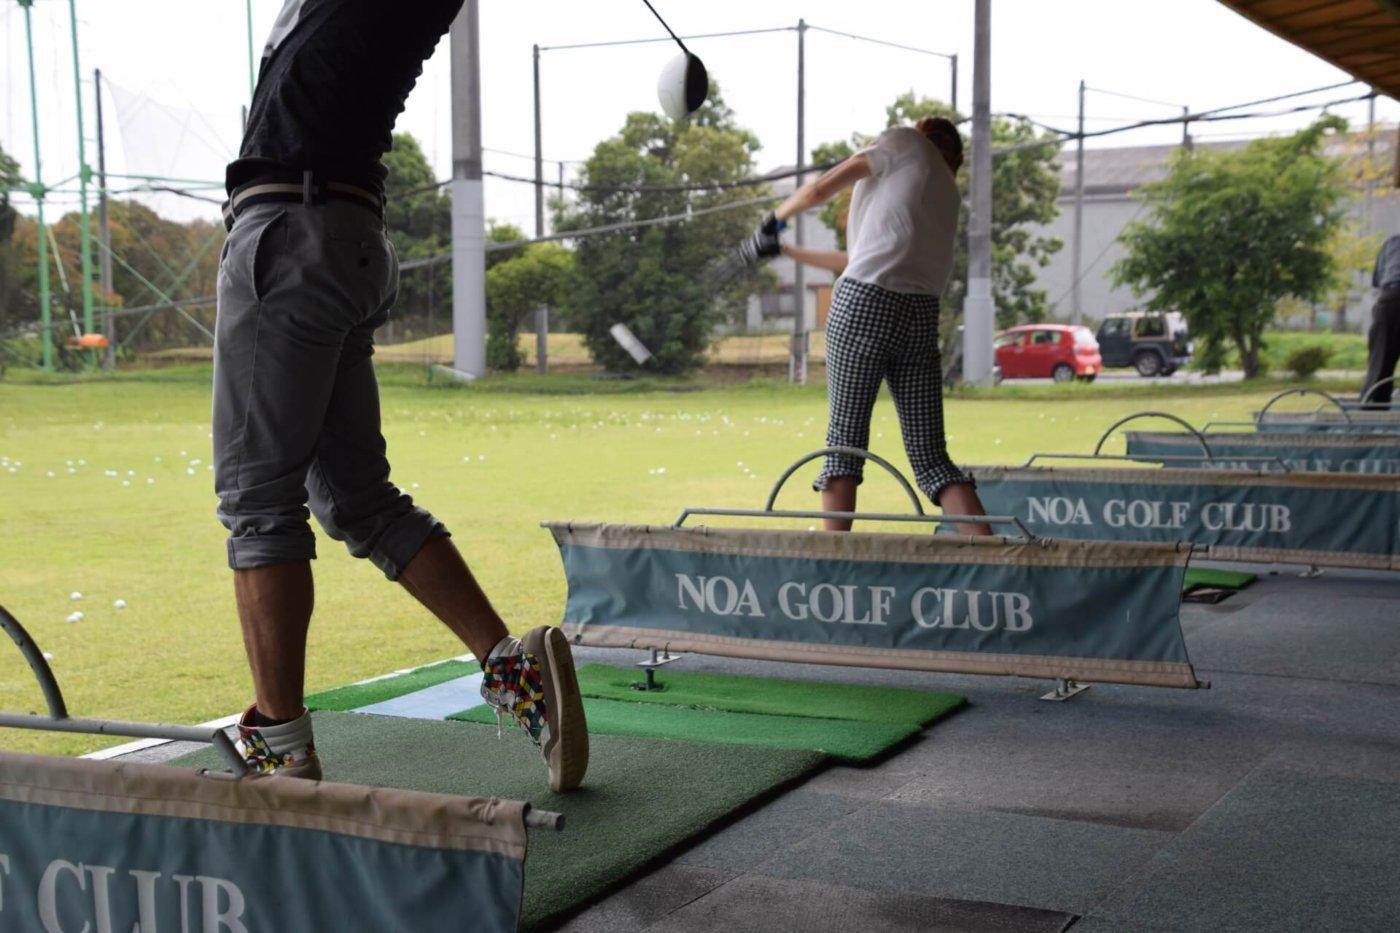 ゴルフを上達したいなら!打ちっぱなしでやるべき練習方法